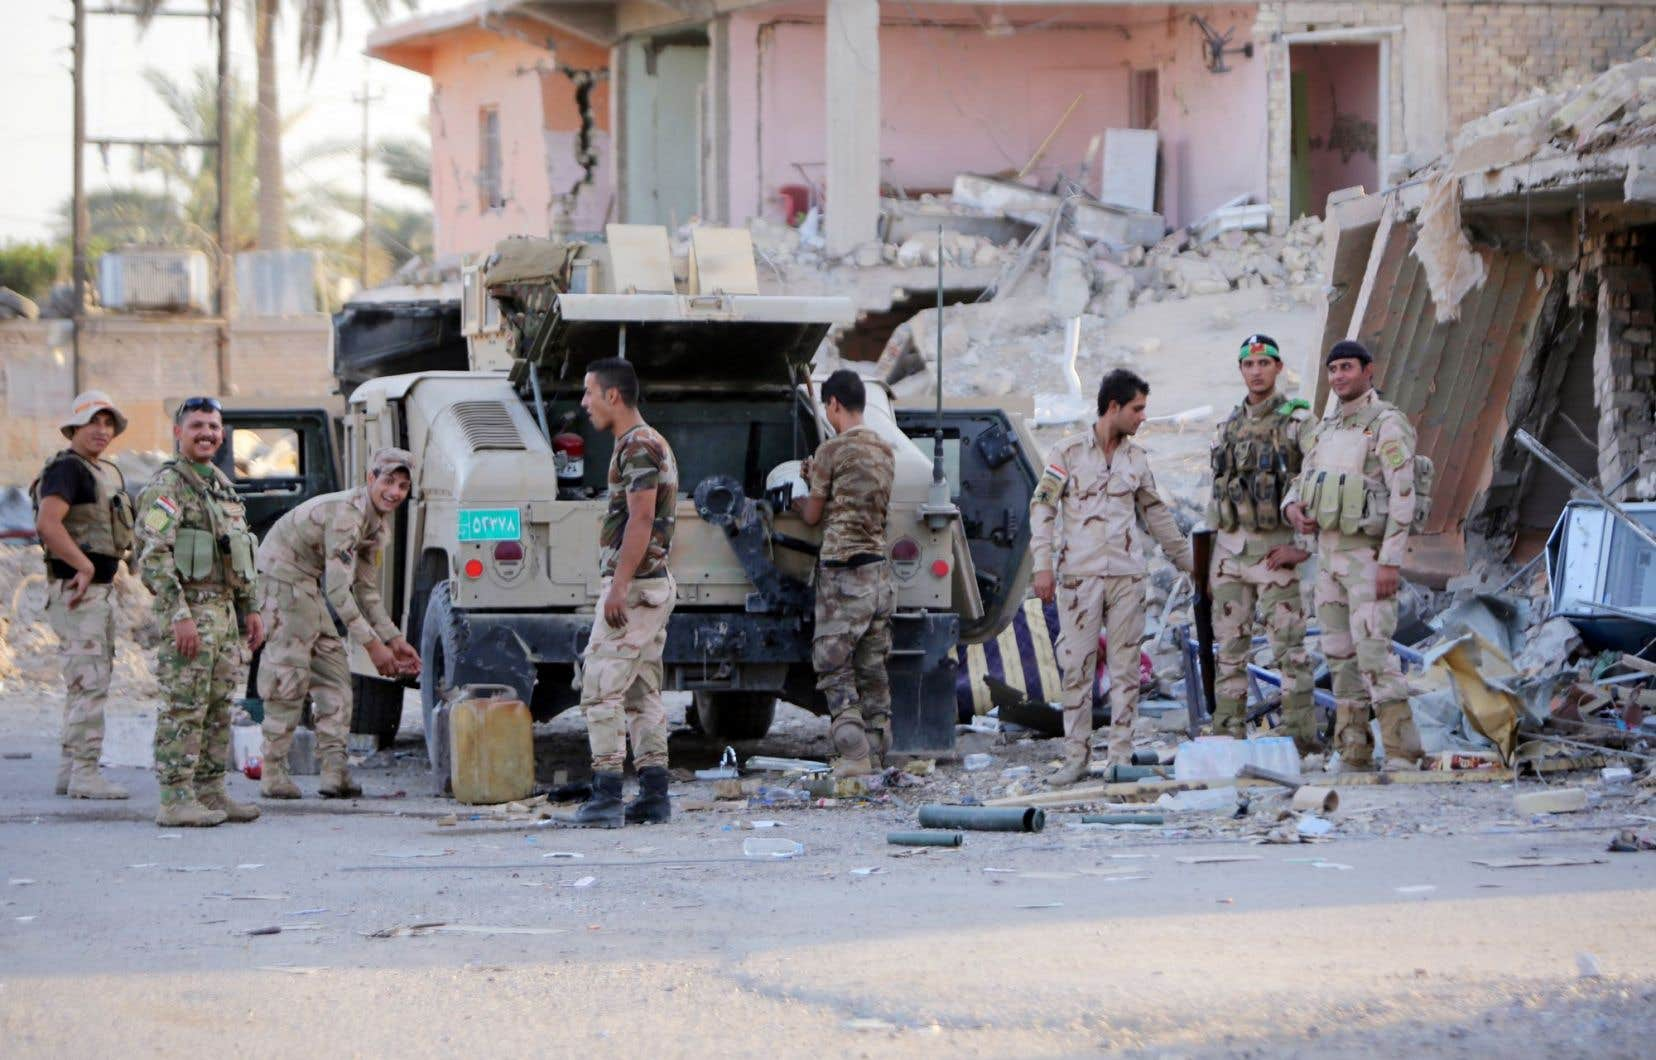 Des soldats irakiens sont aussi présents à Doulouiya pour combattre l'EI.